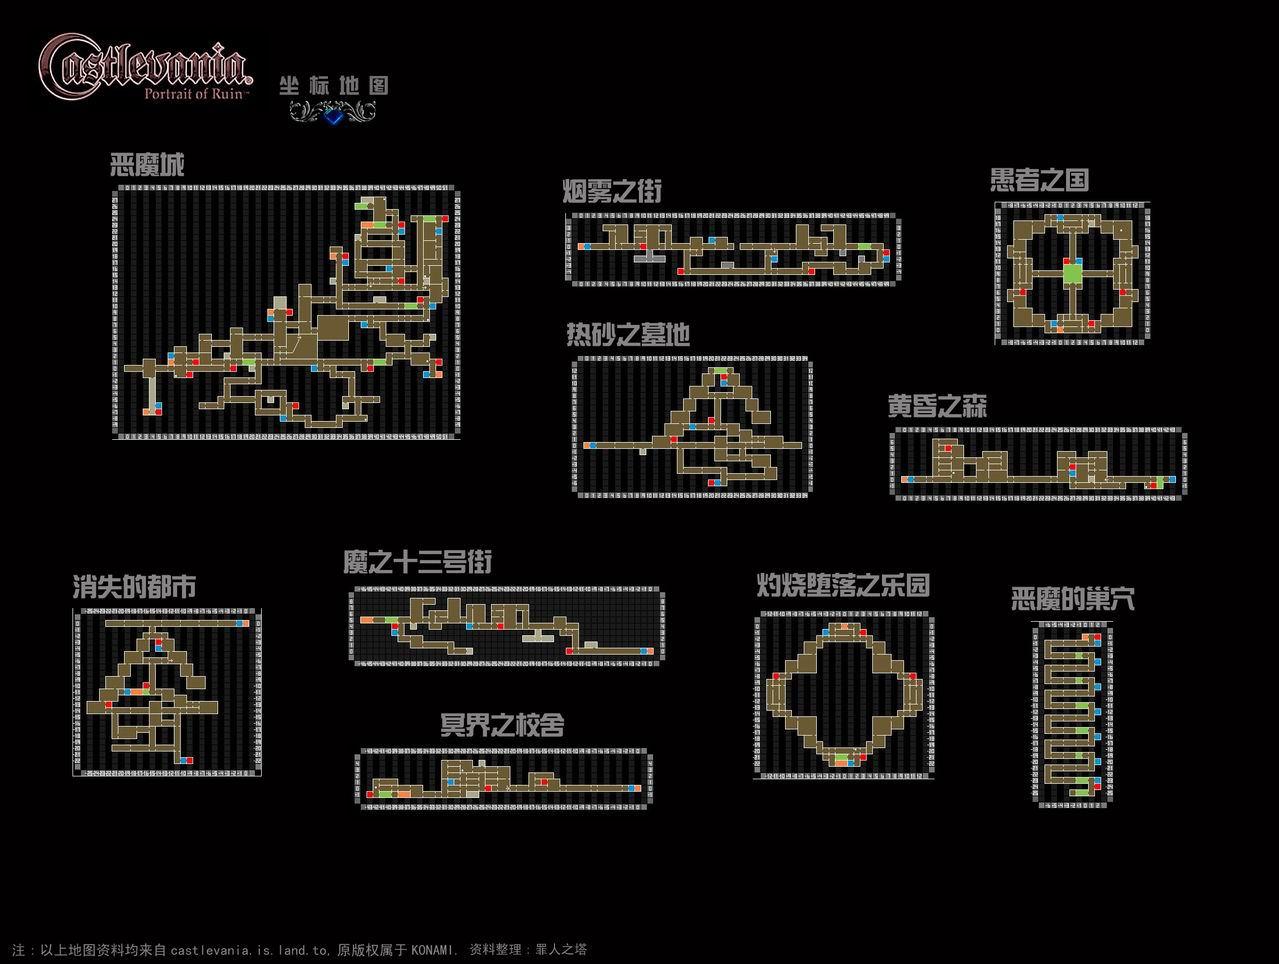 画廊内部平面图